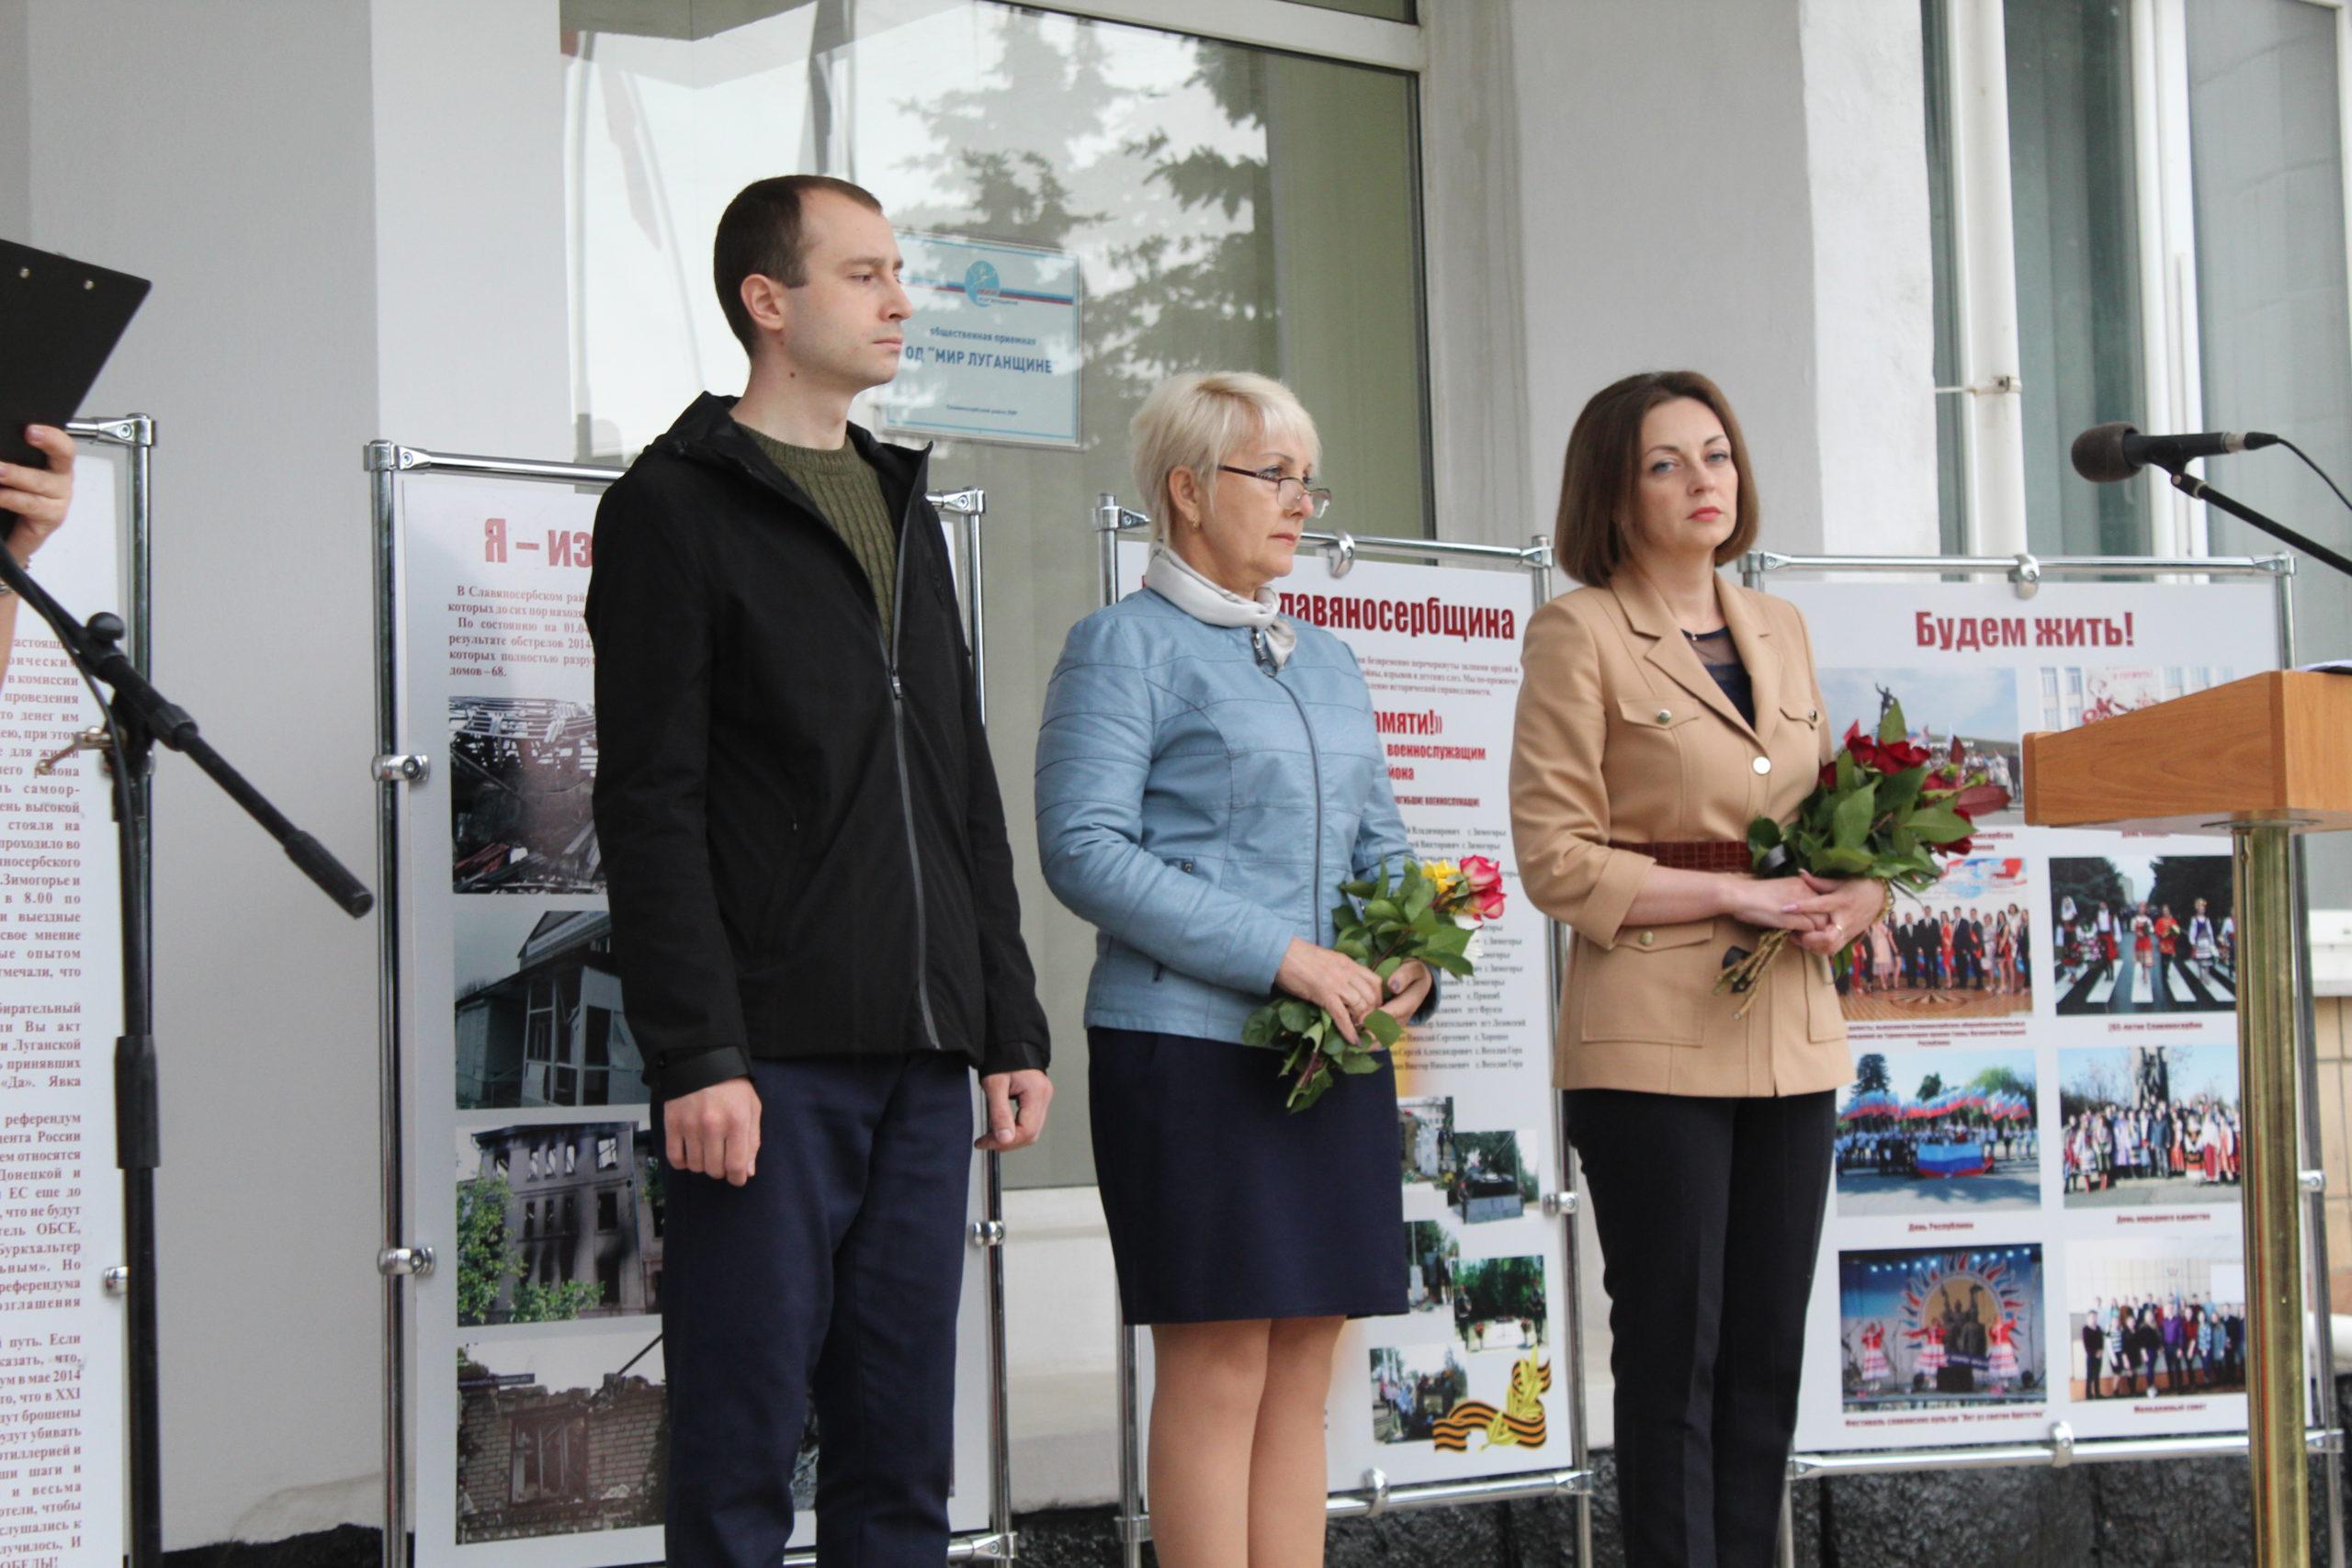 В ЛНР состоялись памятные мероприятия к 7-й годовщине авиаудара ВСУ по центру Луганска 18